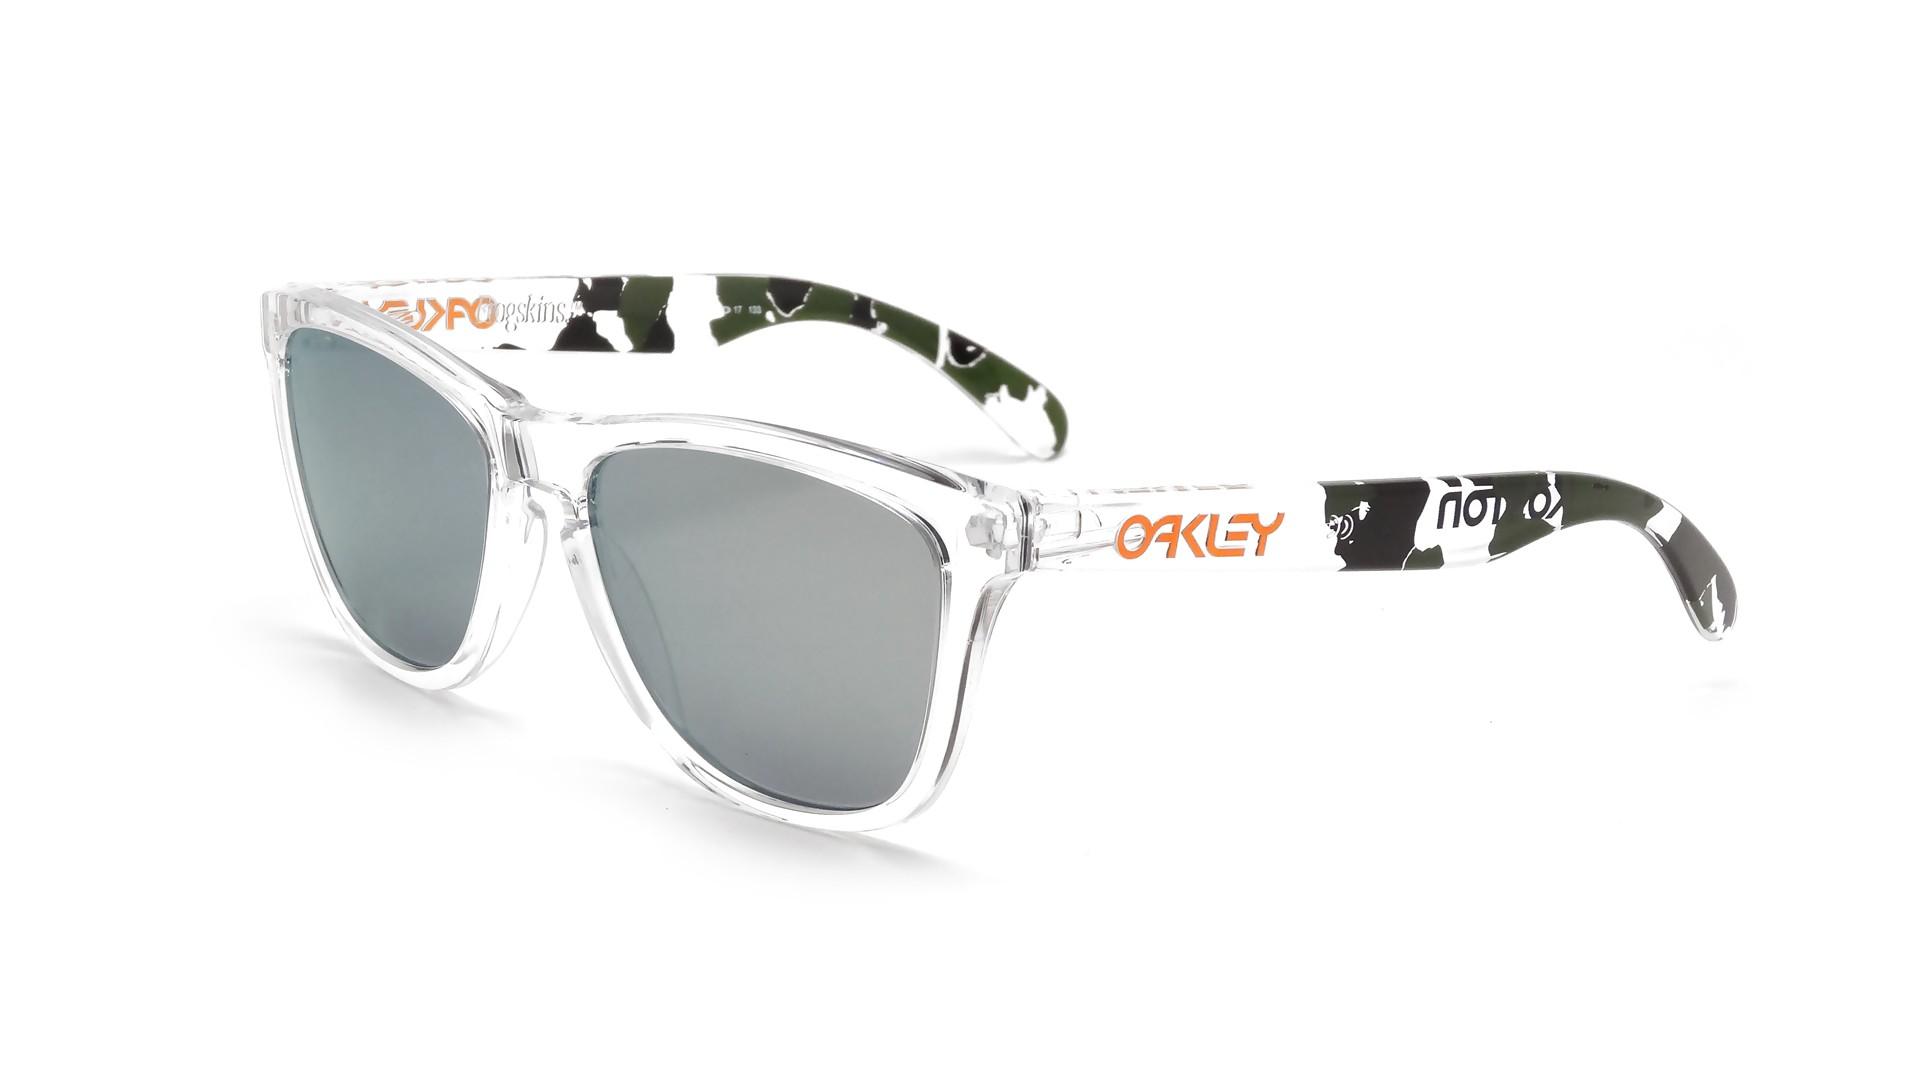 Oakley Frogskins Transparent